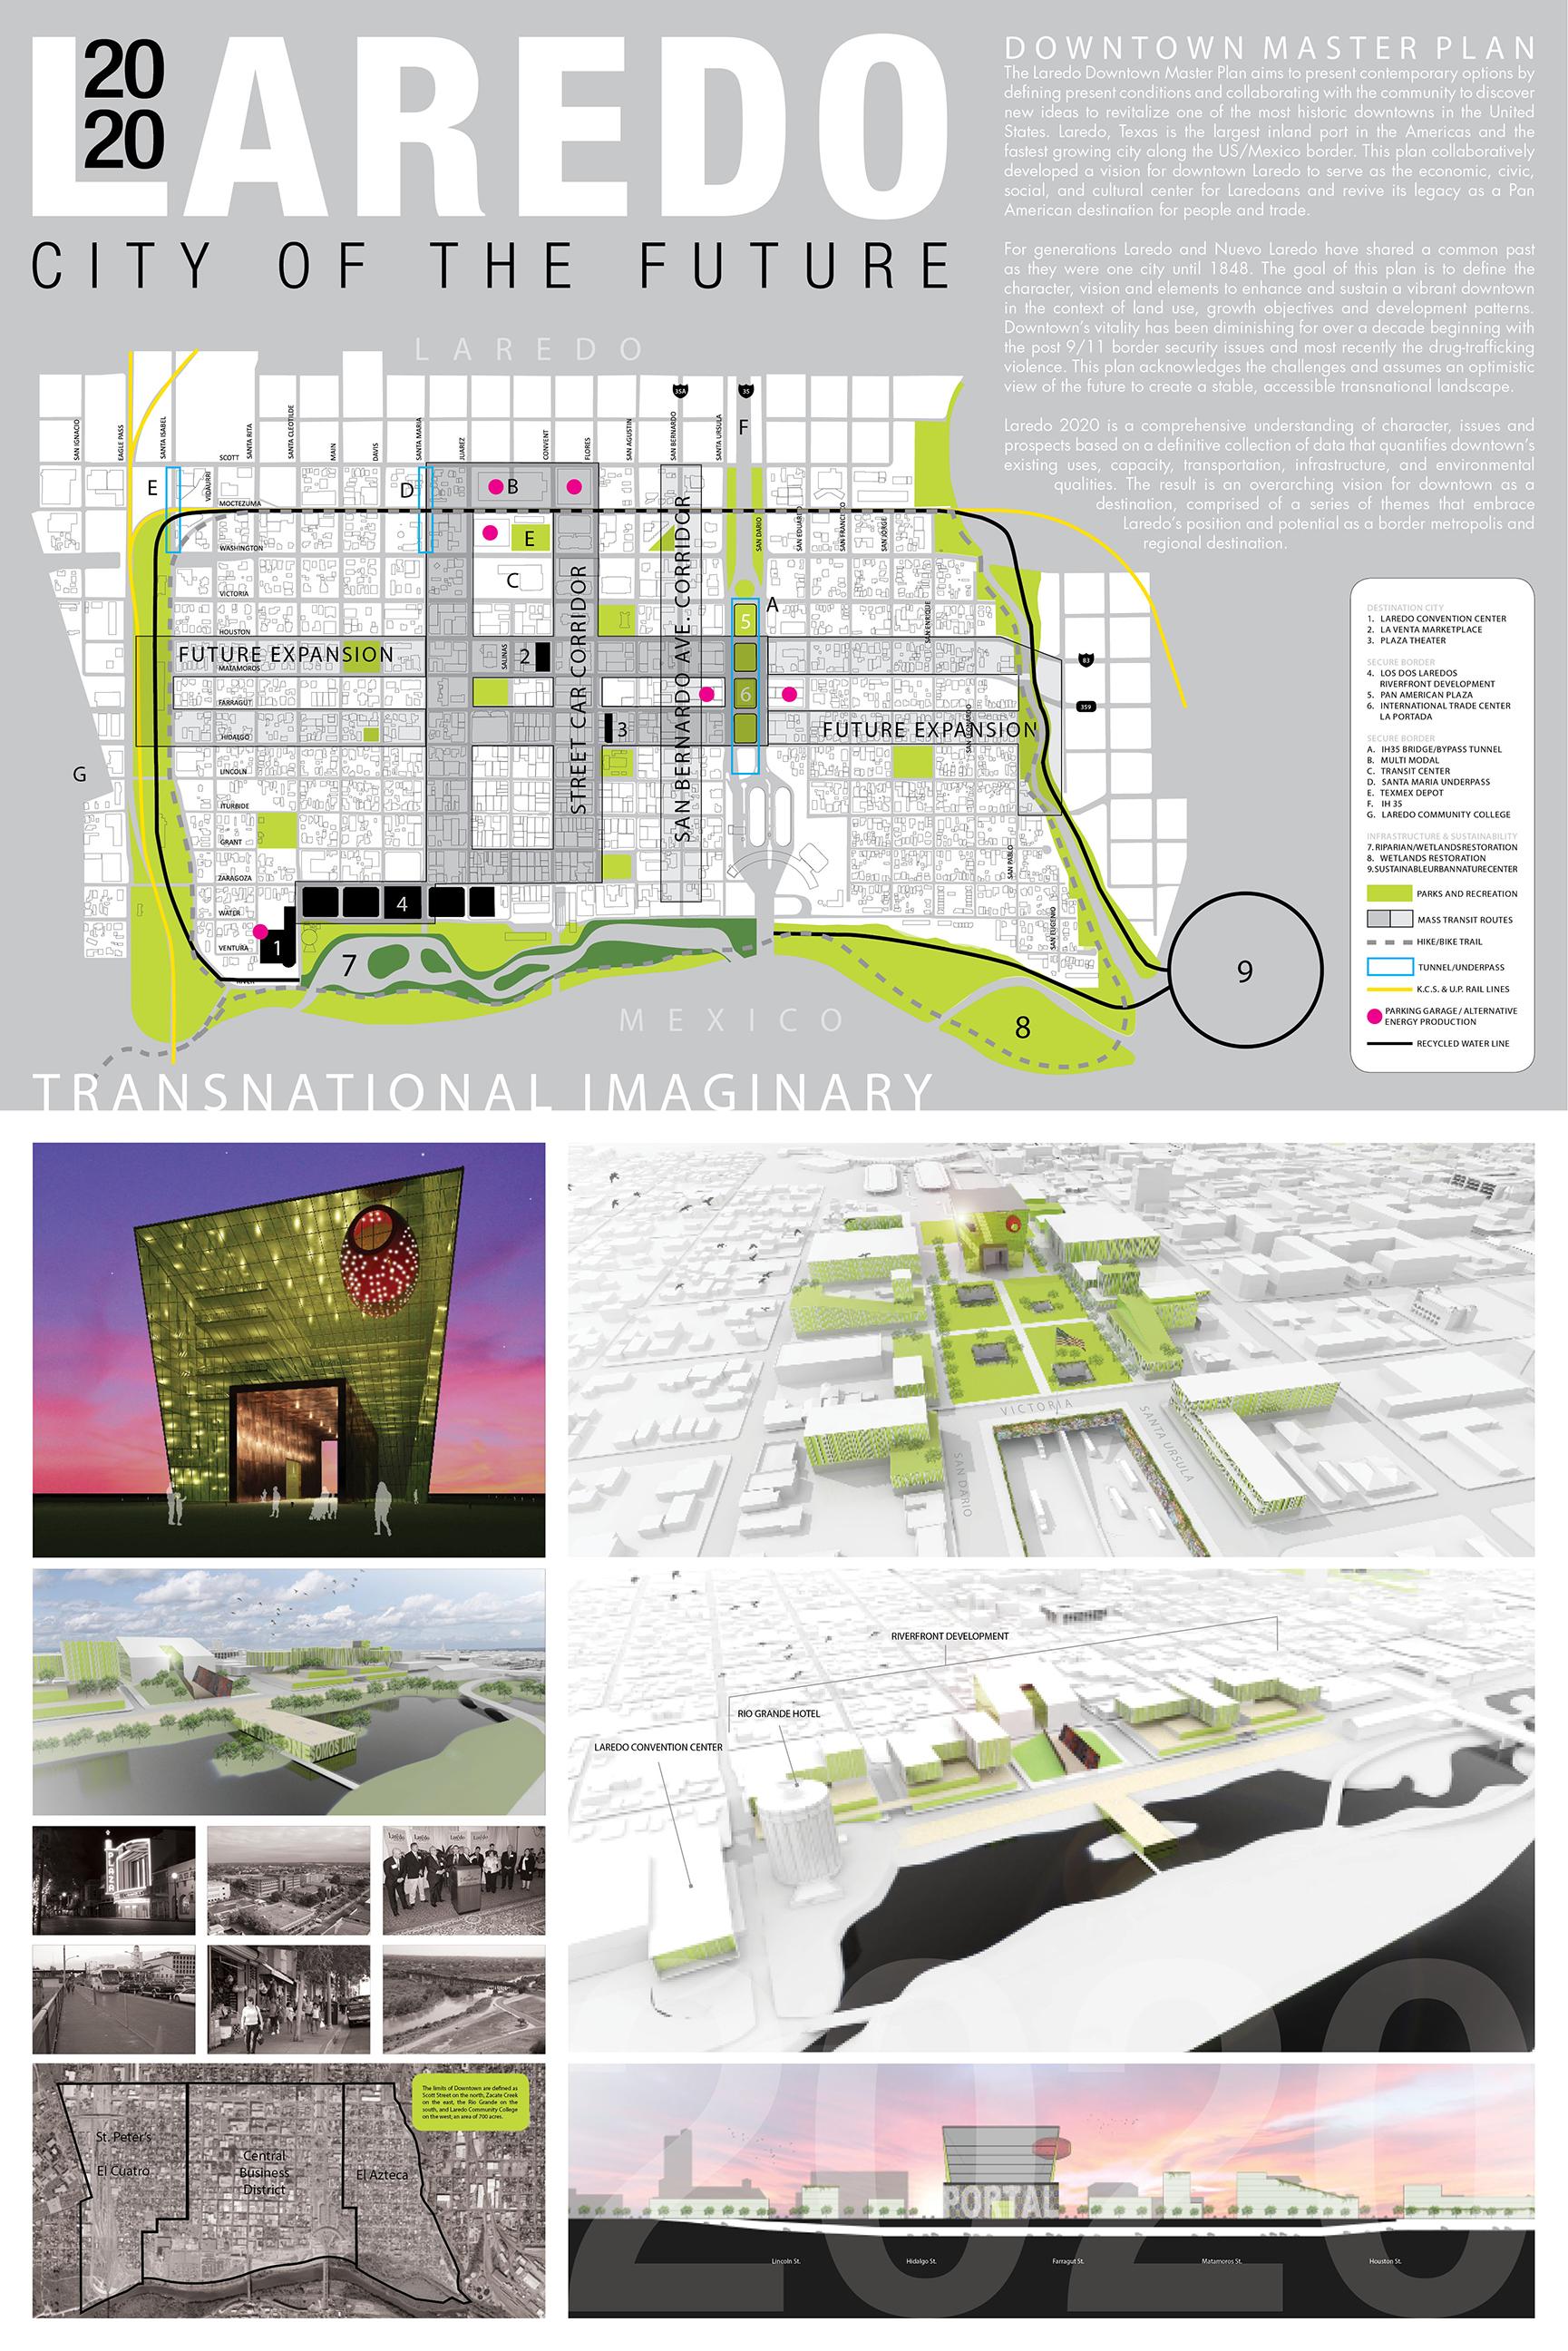 Laredo Master Plan